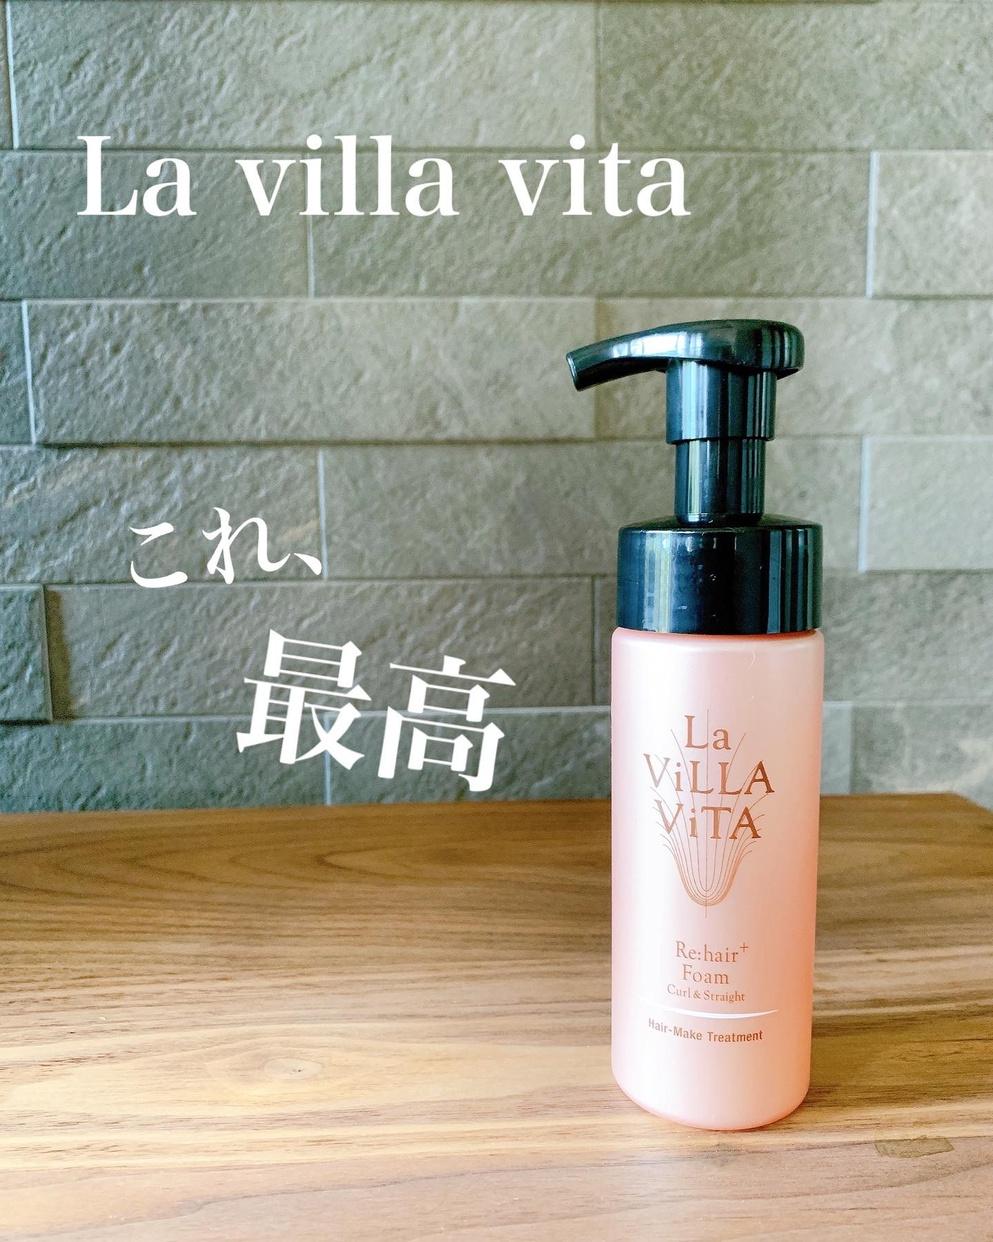 La ViLLA ViTA(ラ・ヴィラ・ヴィータ) リ・ヘアプラス フォーム カール&ストレートを使った日高あきさんのクチコミ画像